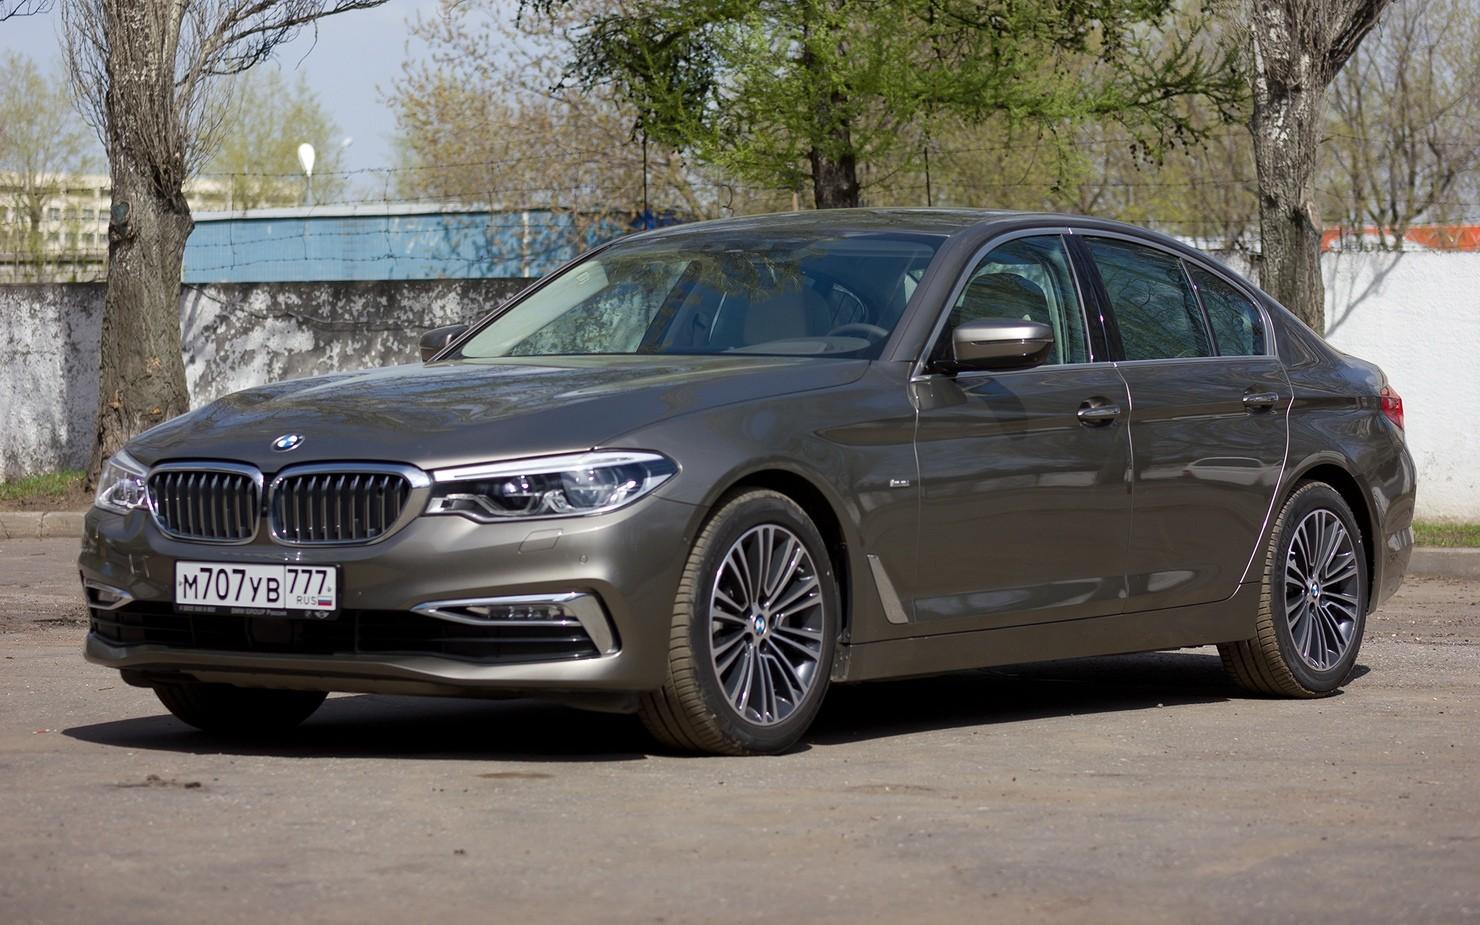 Описание и внешний вид BMW 520d модели xDrive, технические характеристики